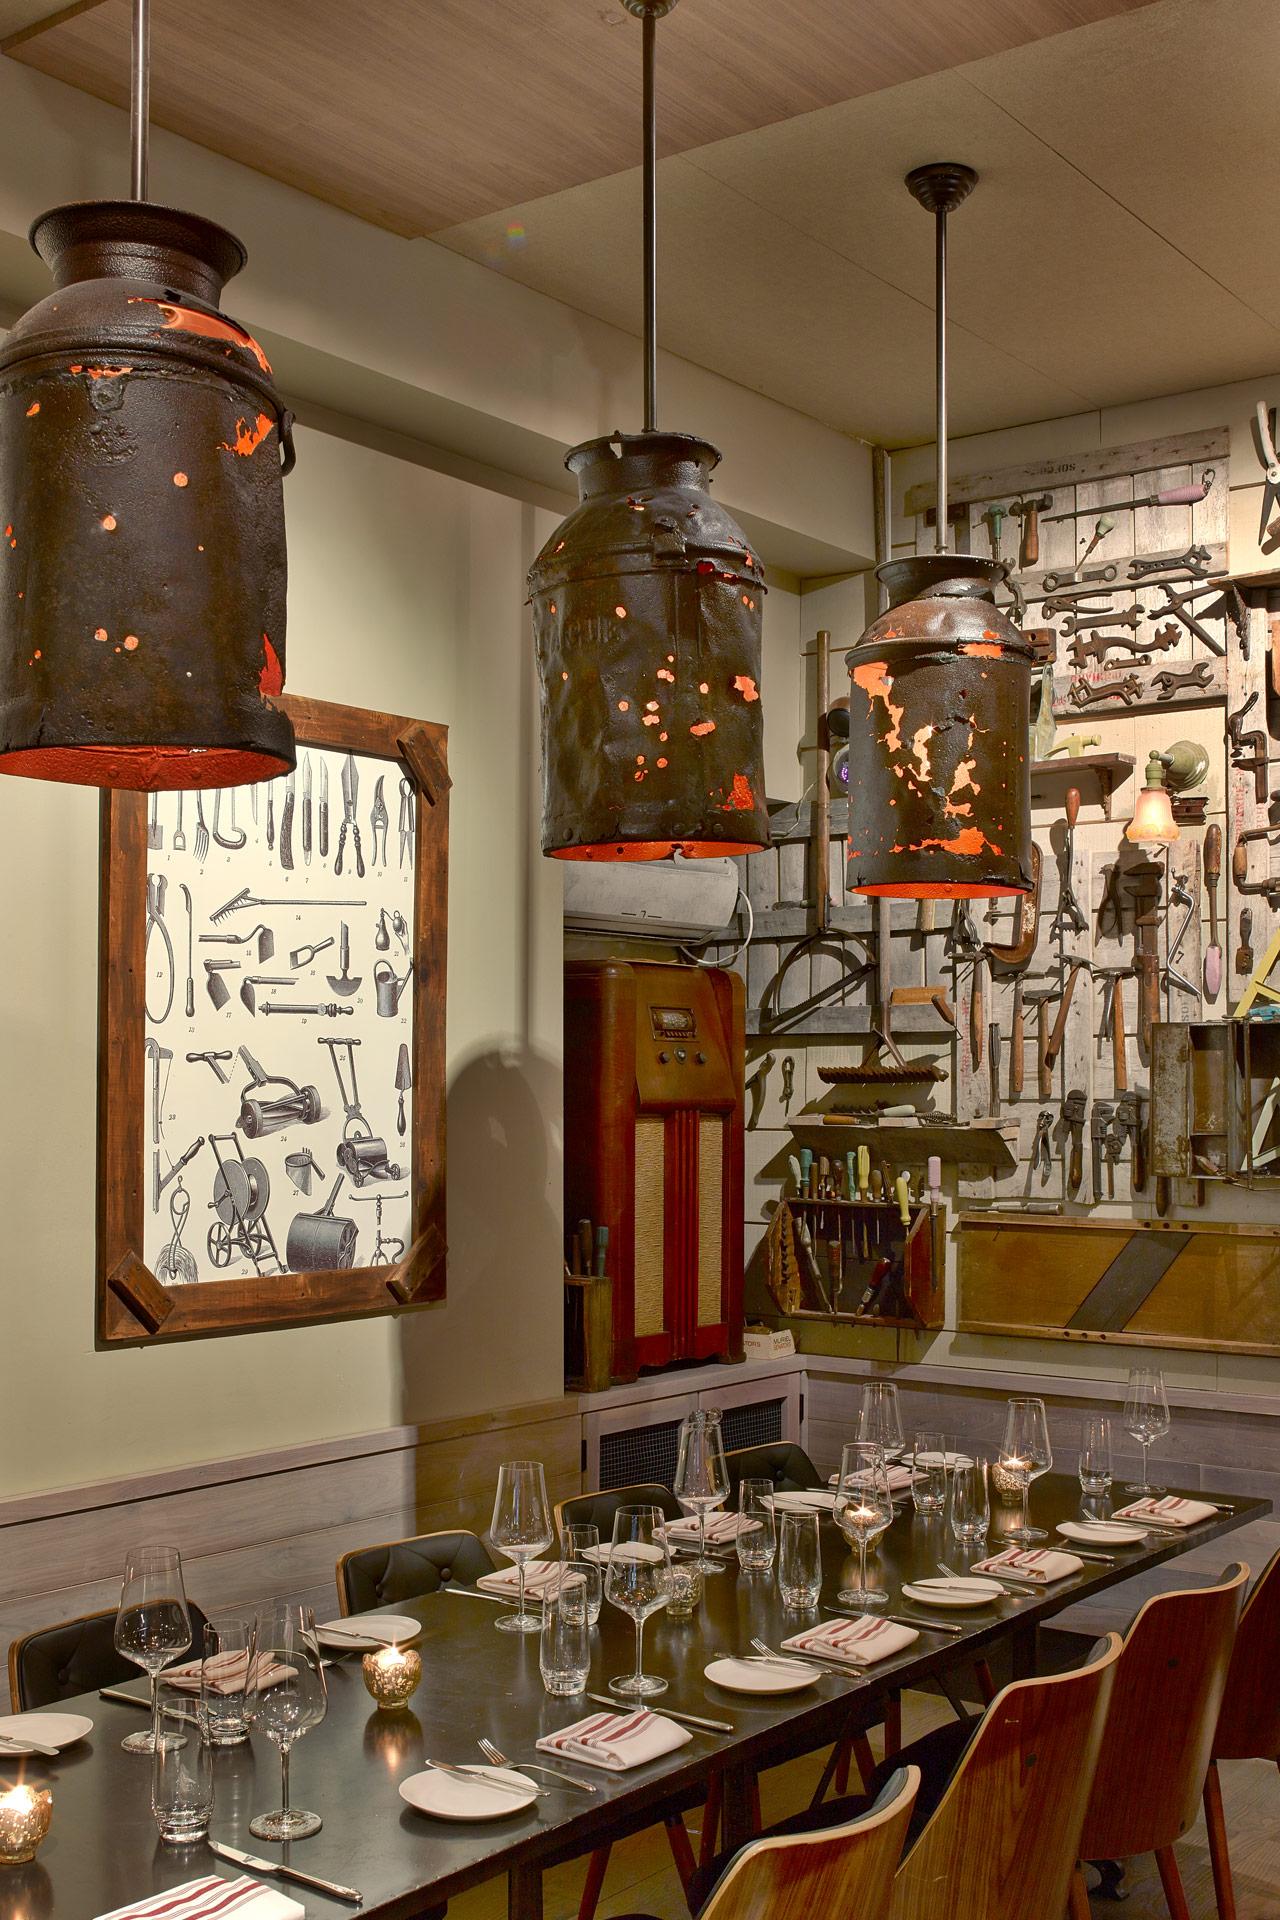 Blenheim Restaurant design